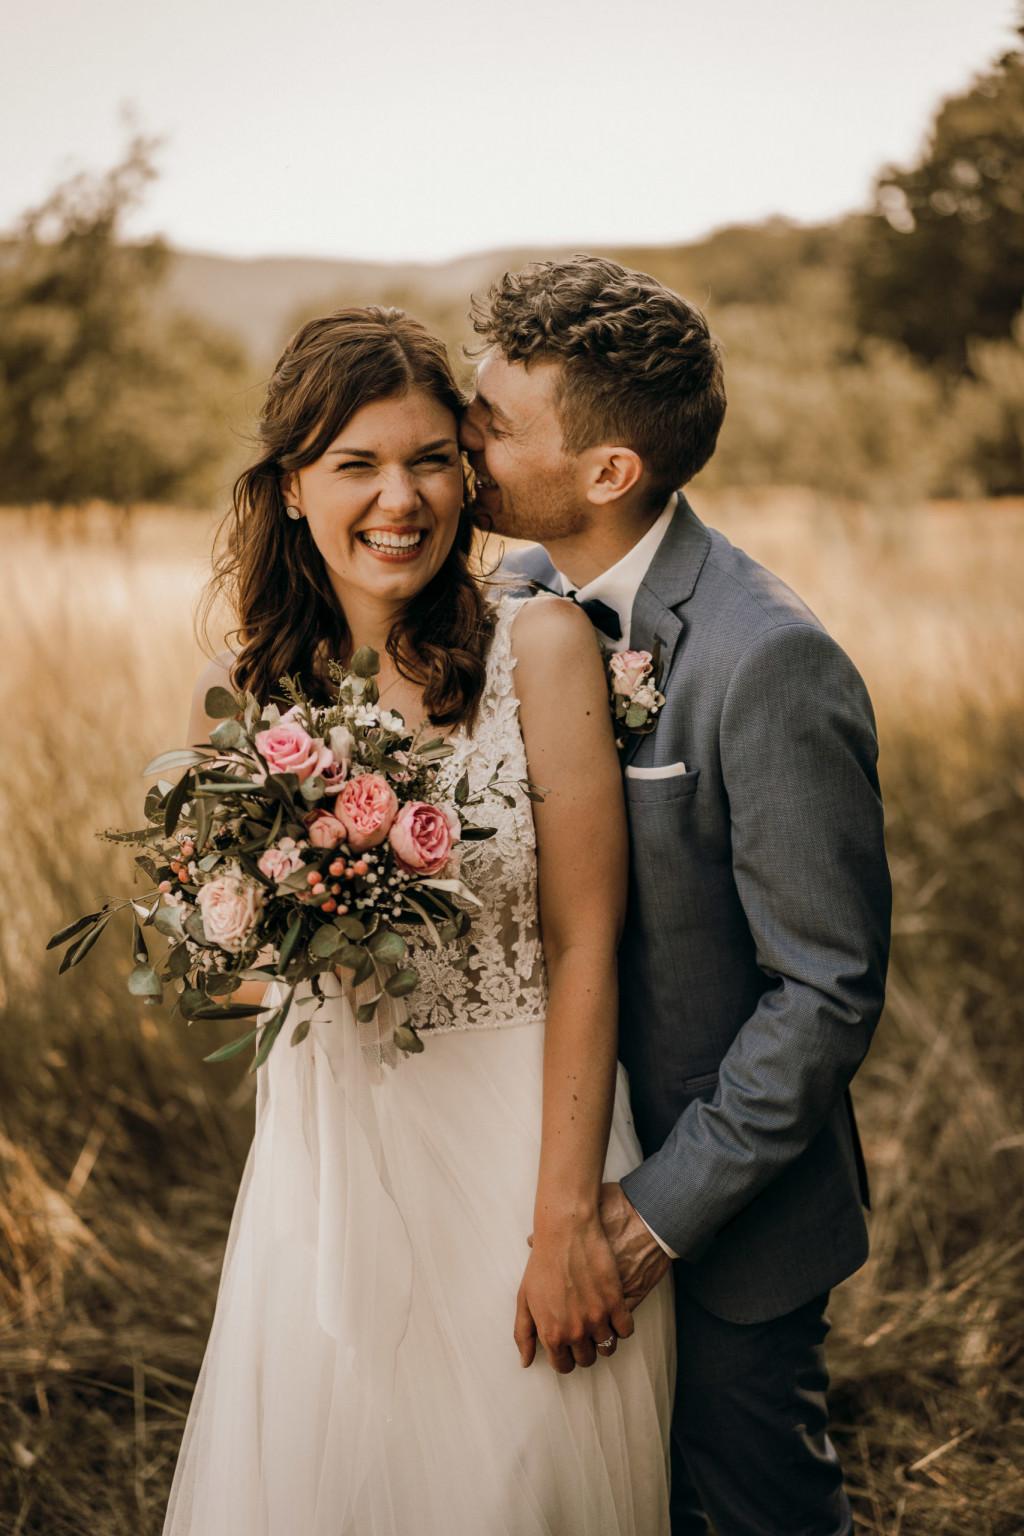 Hochzeitsfotografin muenster Warendorf - karina sowa